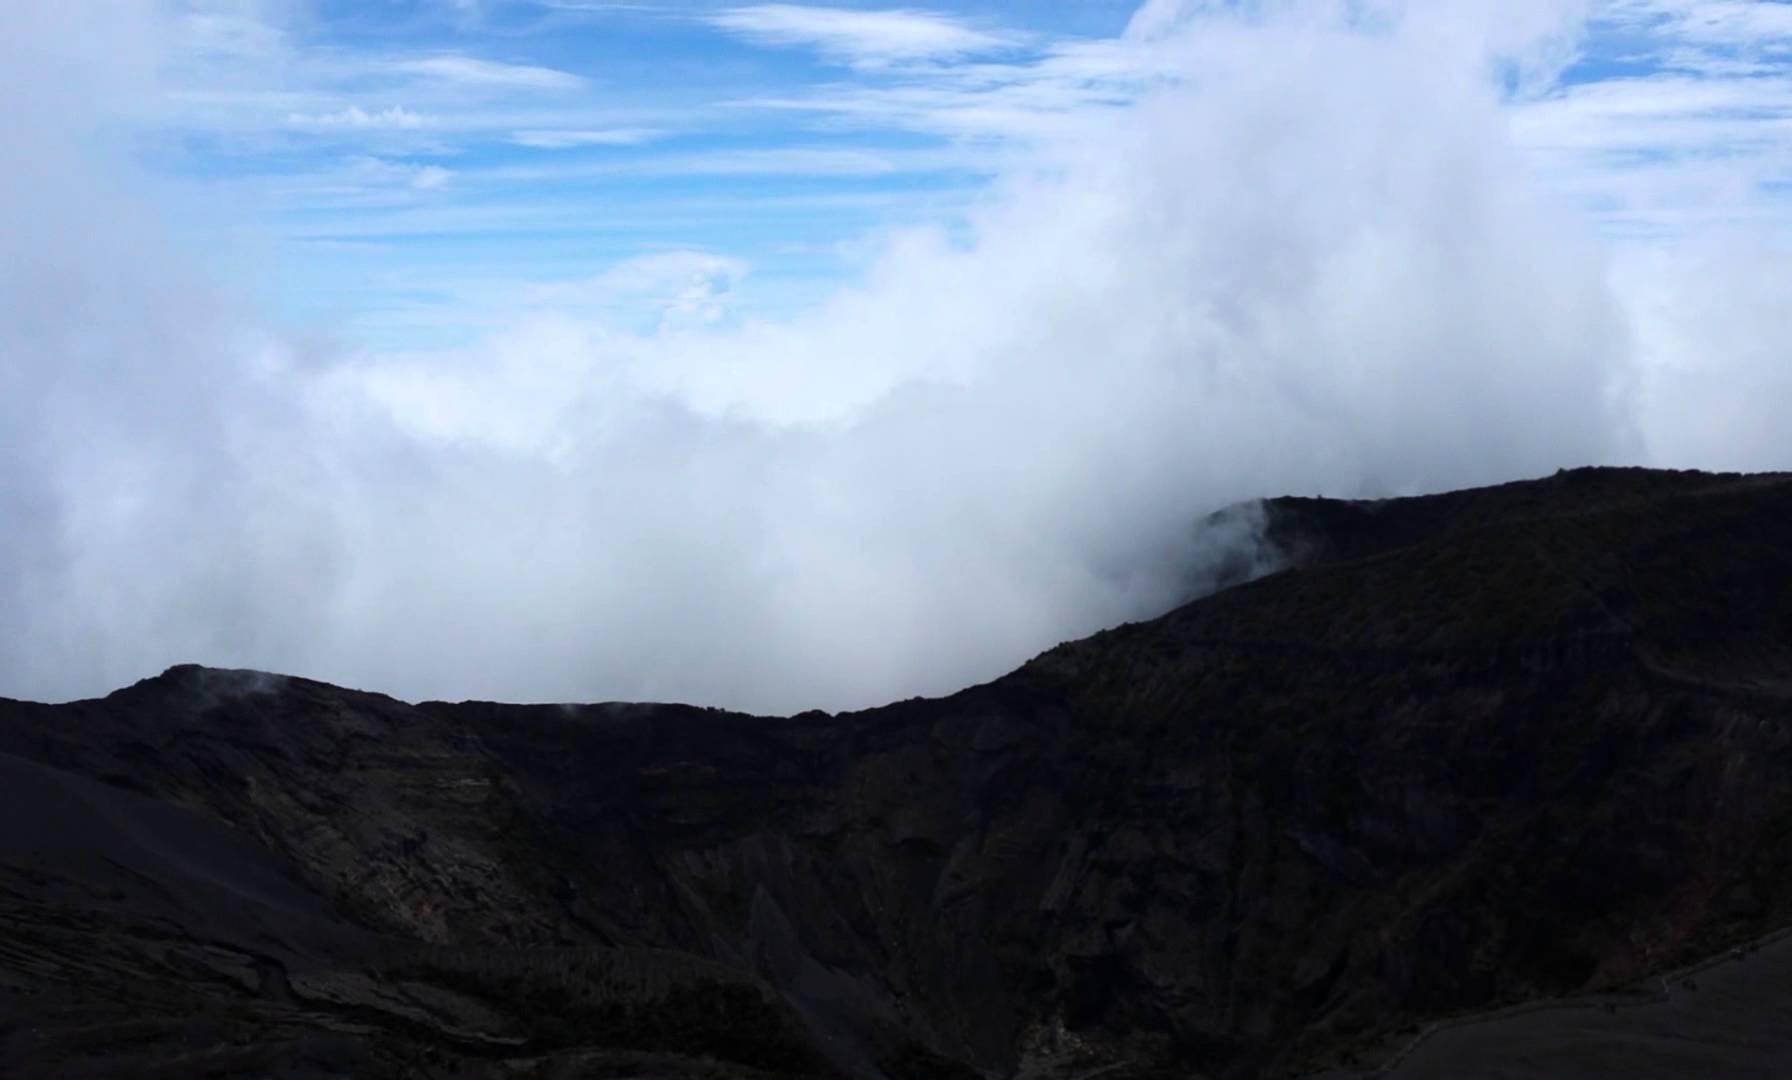 Clouds Rolling through Volcan Irazu near San Jose, Costa Rica